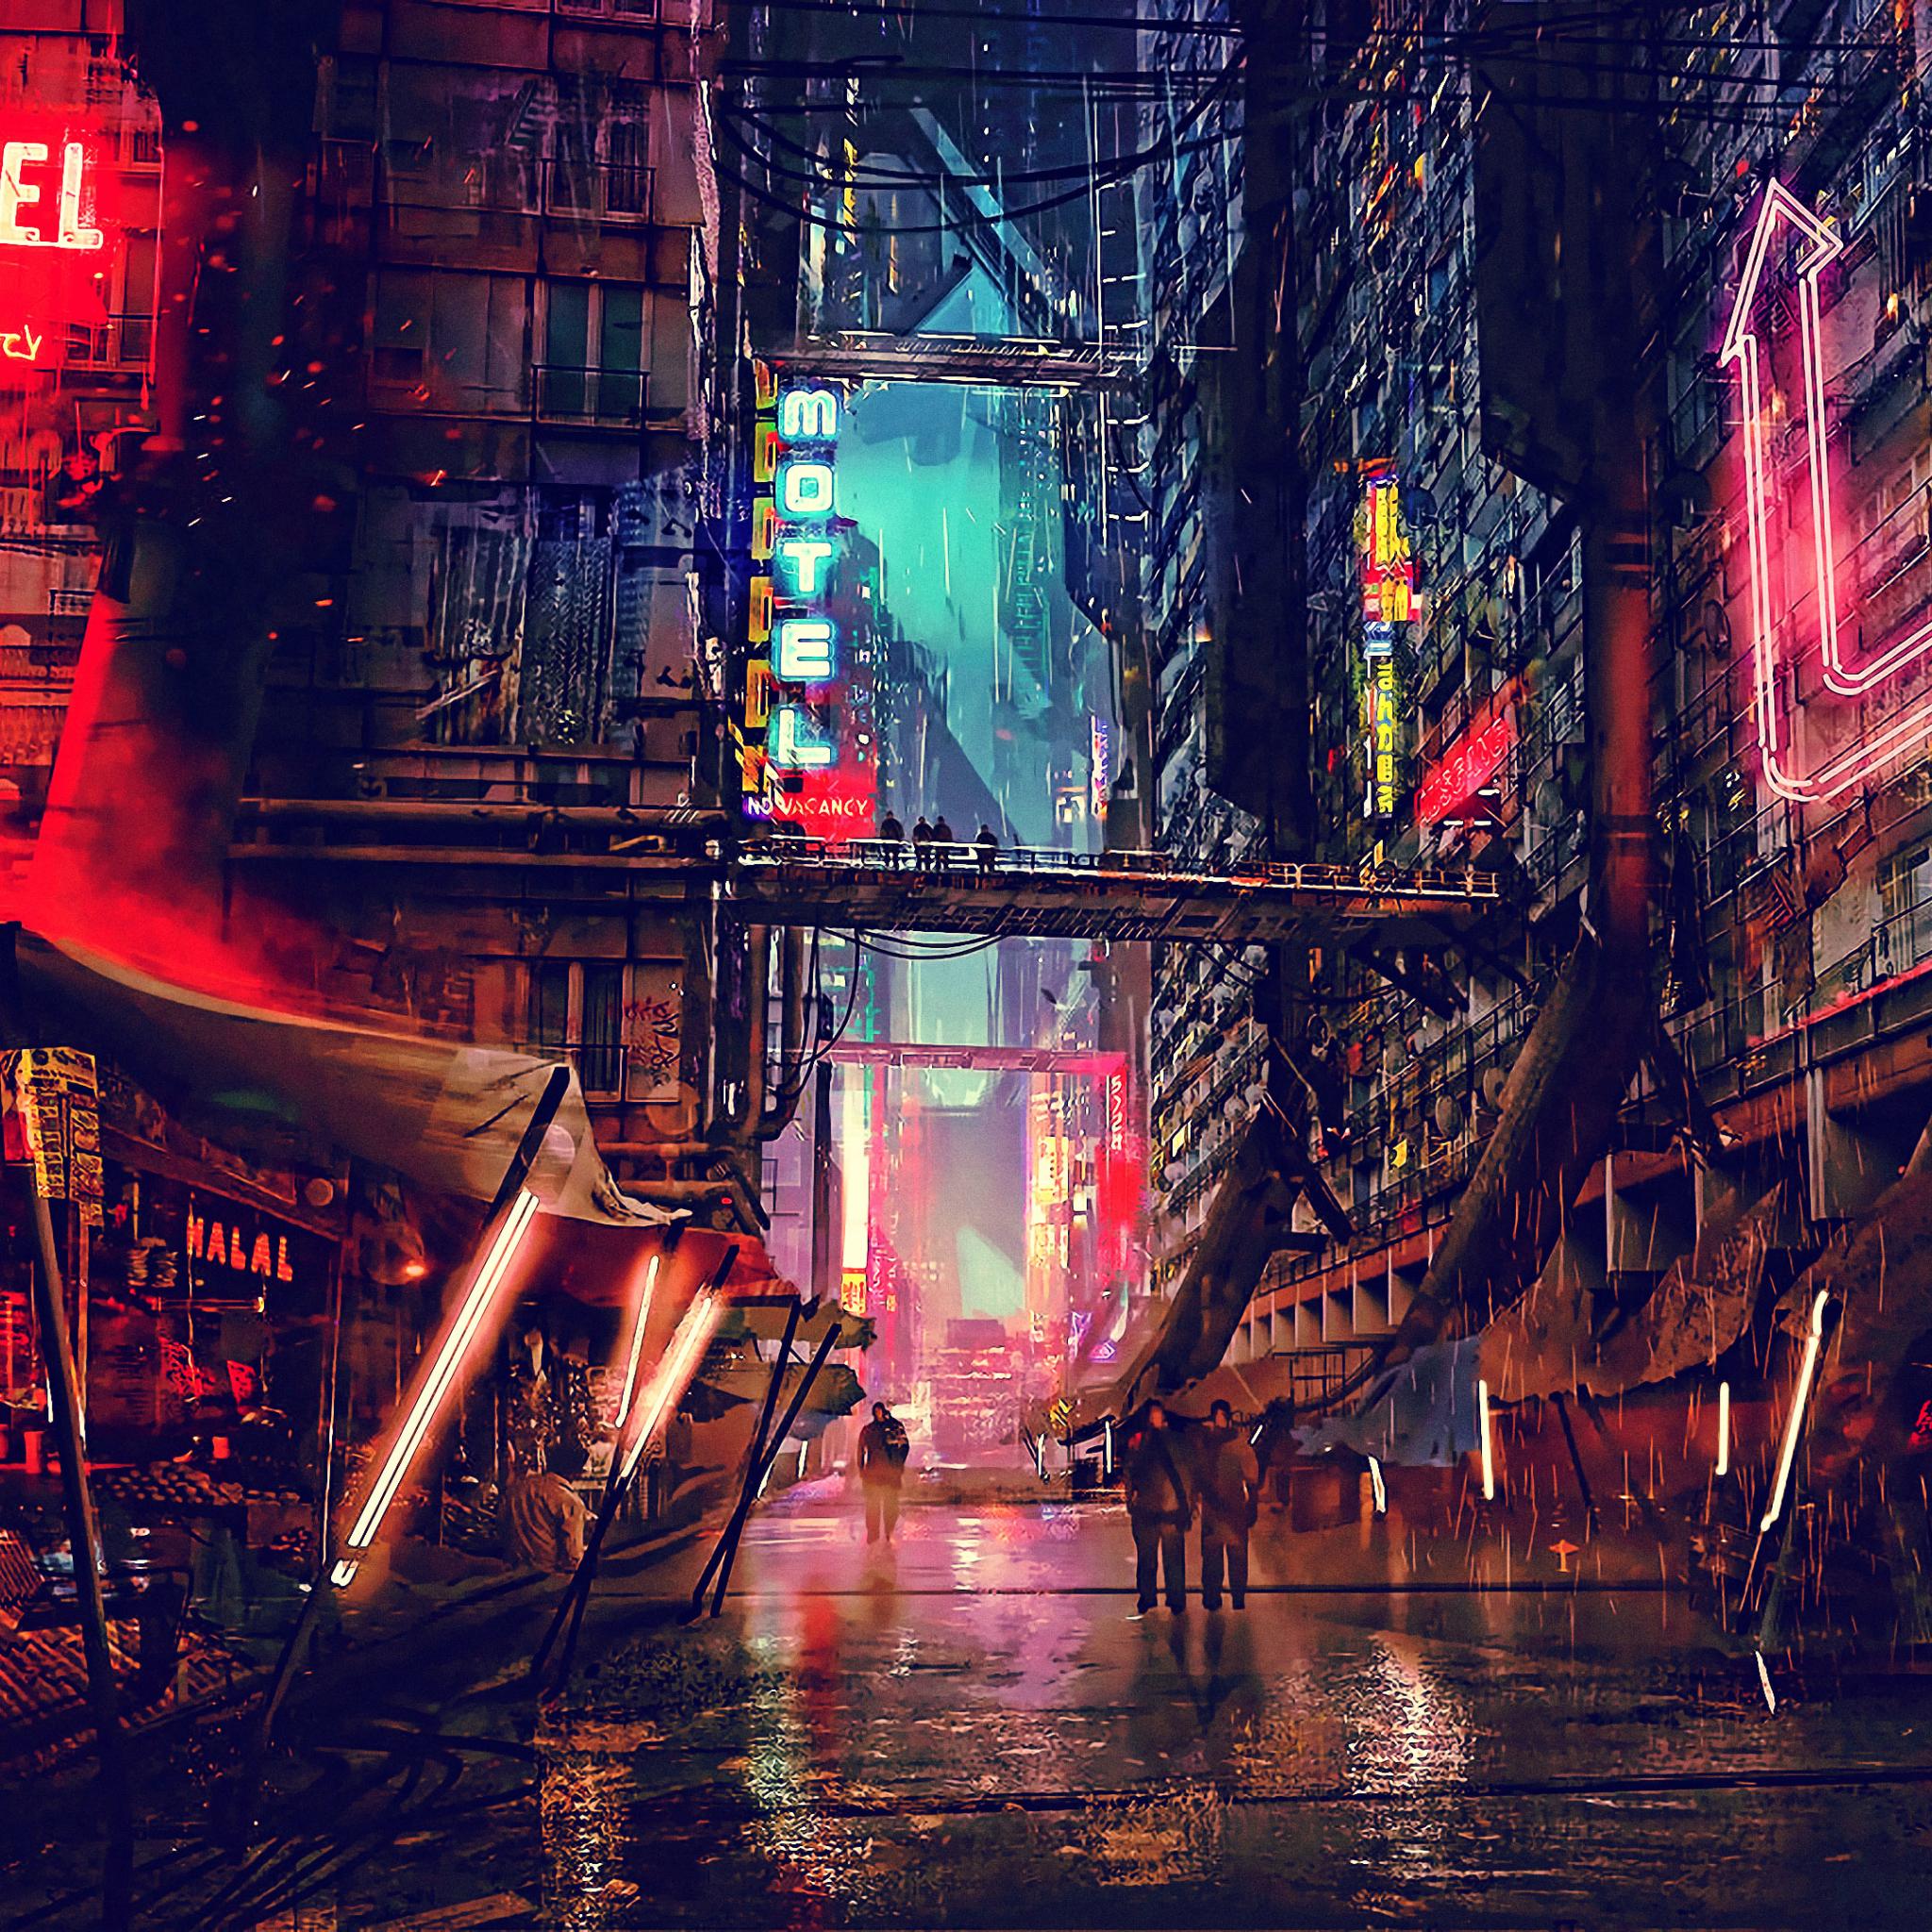 2048x2048 Sci FI Cyberpunk CIty Ipad Air Wallpaper, HD ...